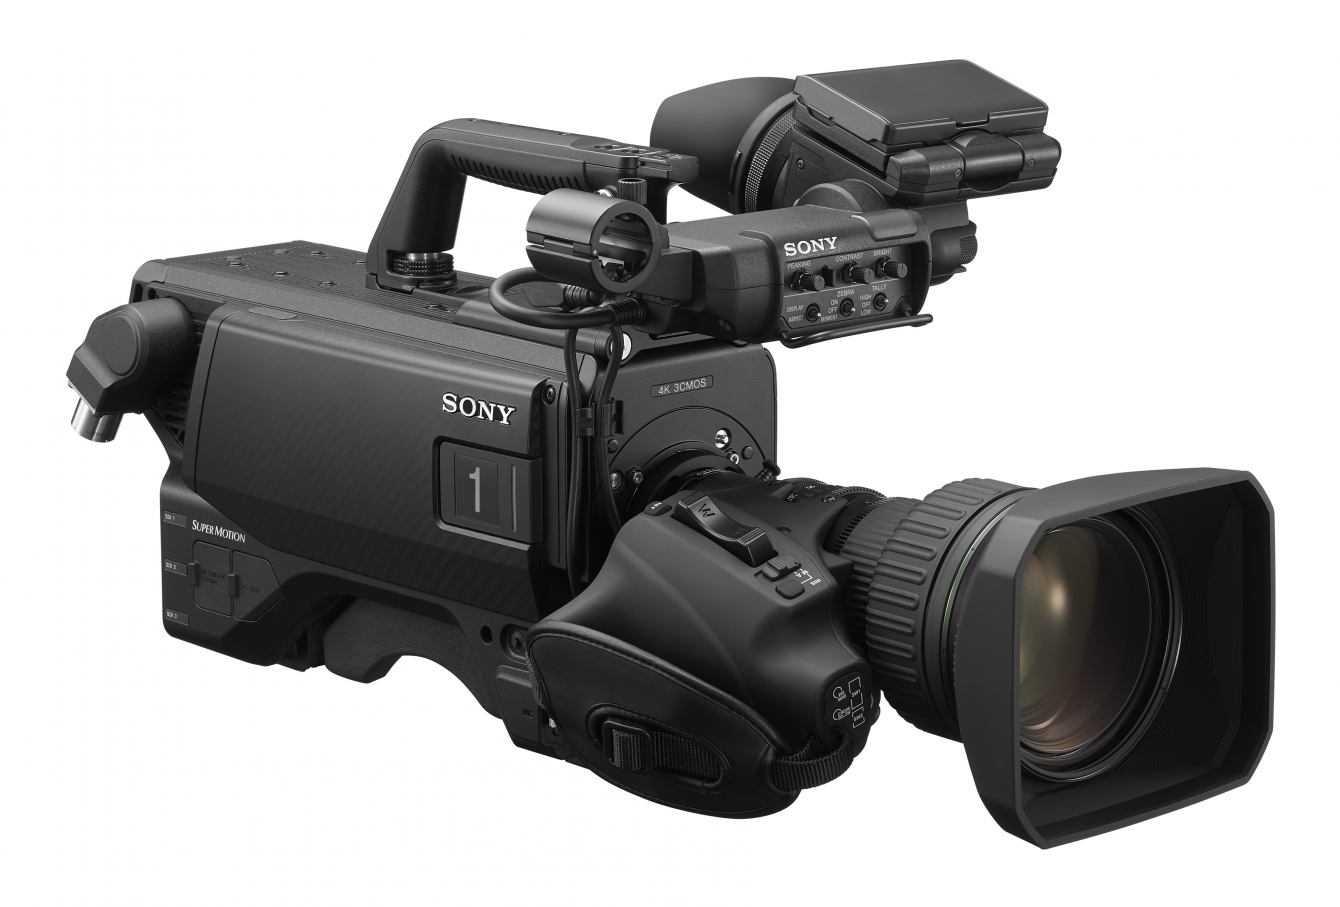 Sony NAB 2019 - Sony potenzia il workflow live 4K HDR